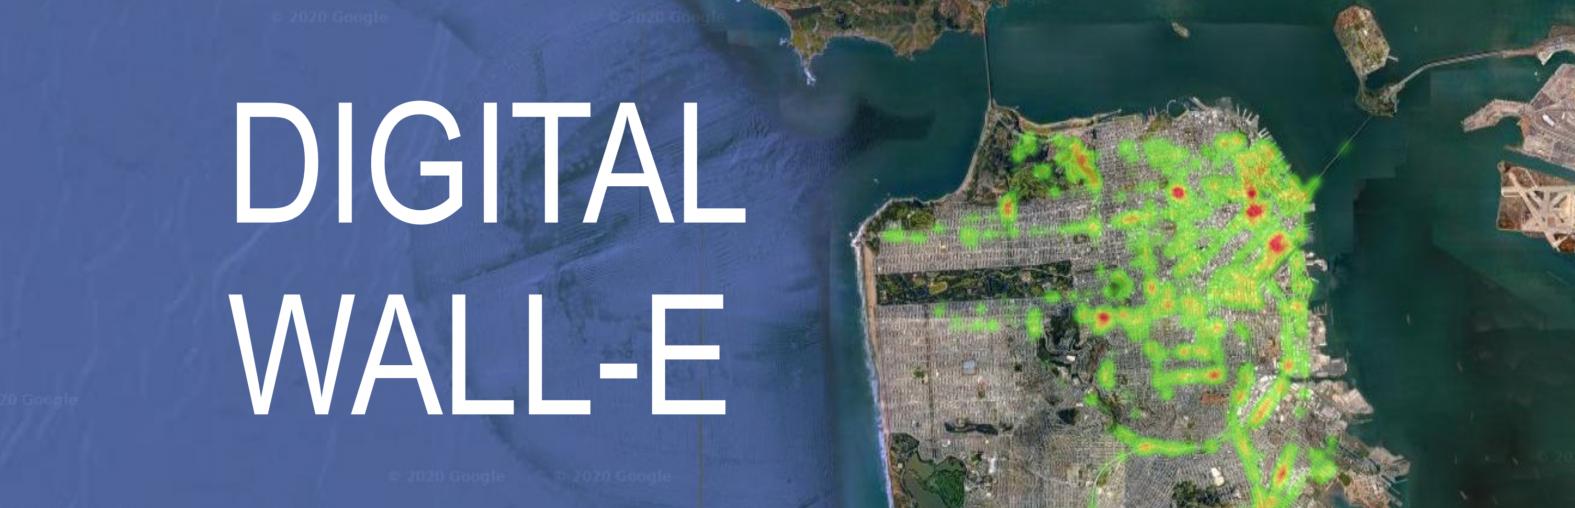 Digital Wall-E: Visualizing trash